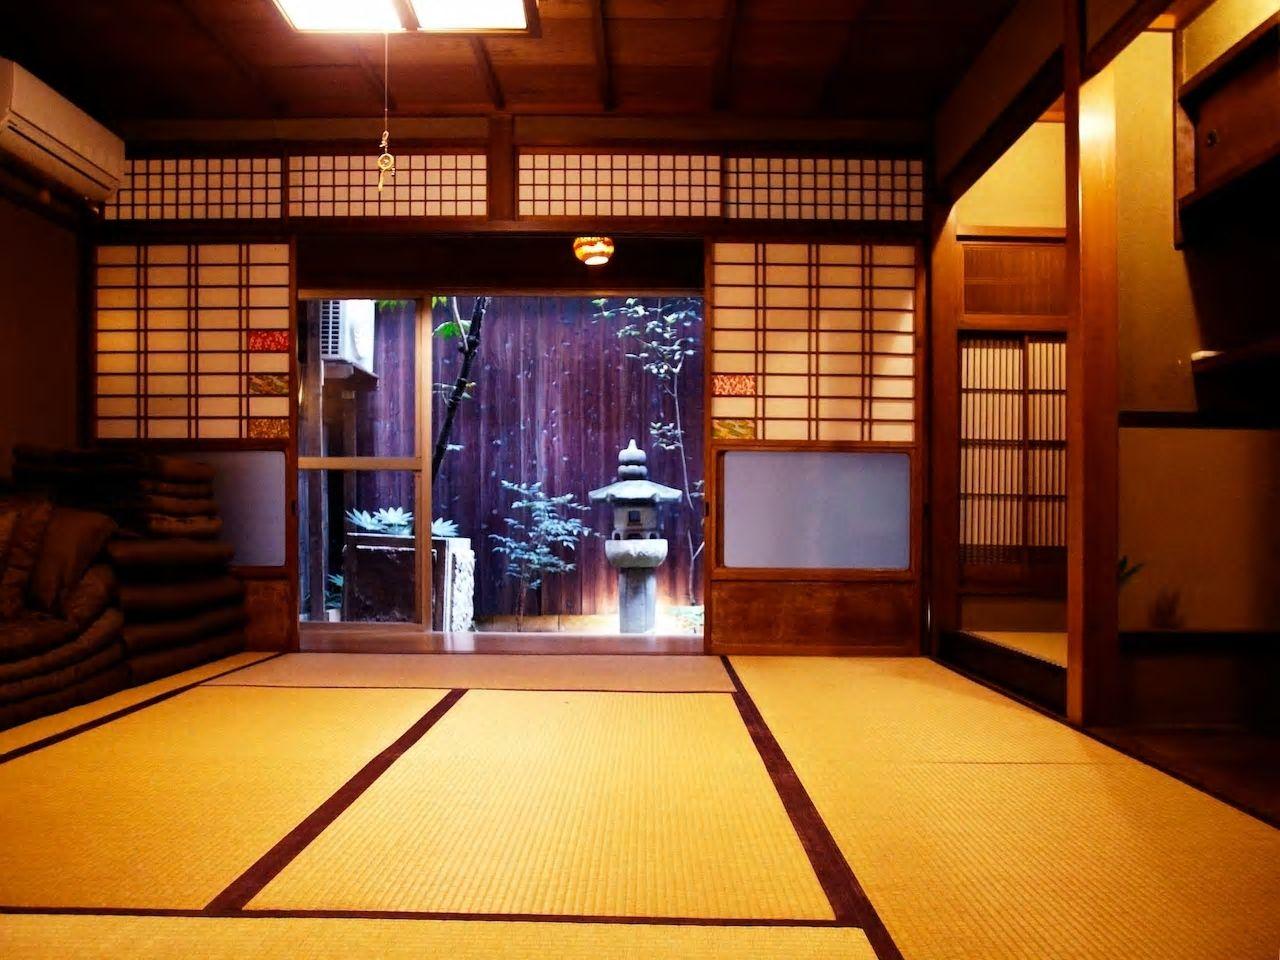 坪庭の眺めが素敵な京町家/京都市